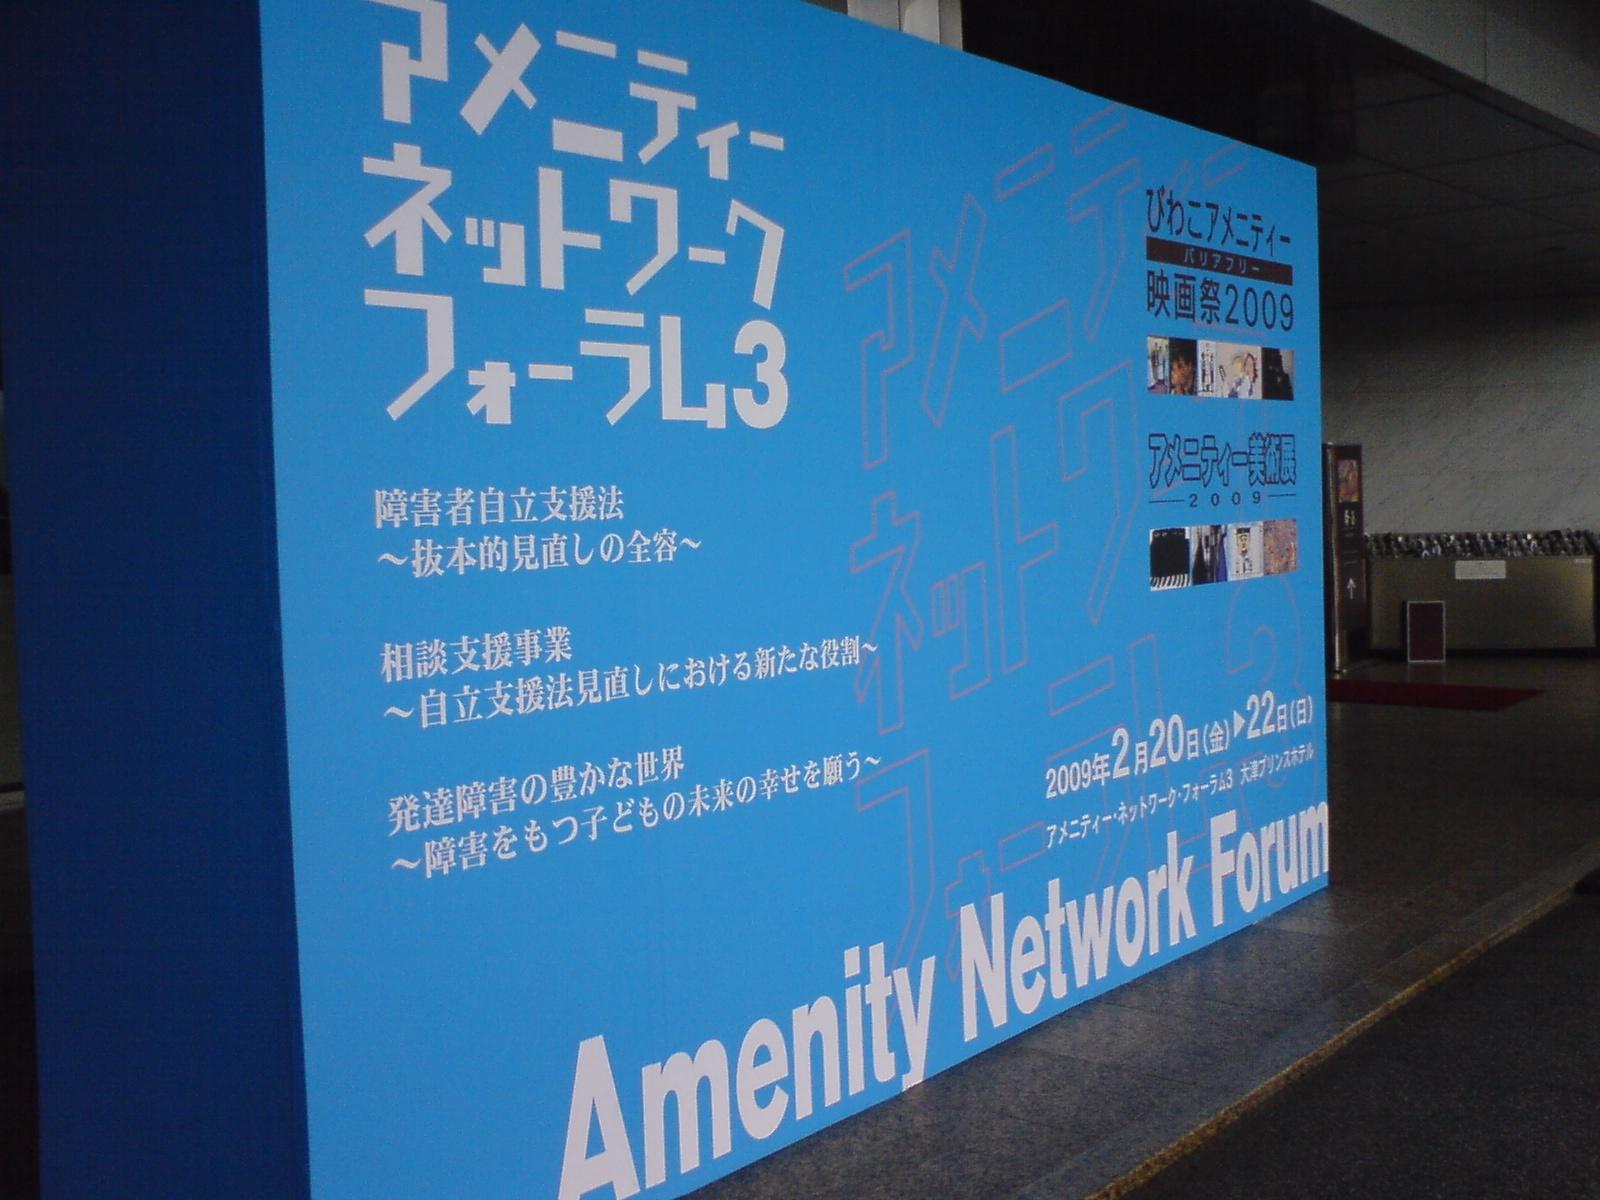 アメニティ ネットワーク フォーラム3